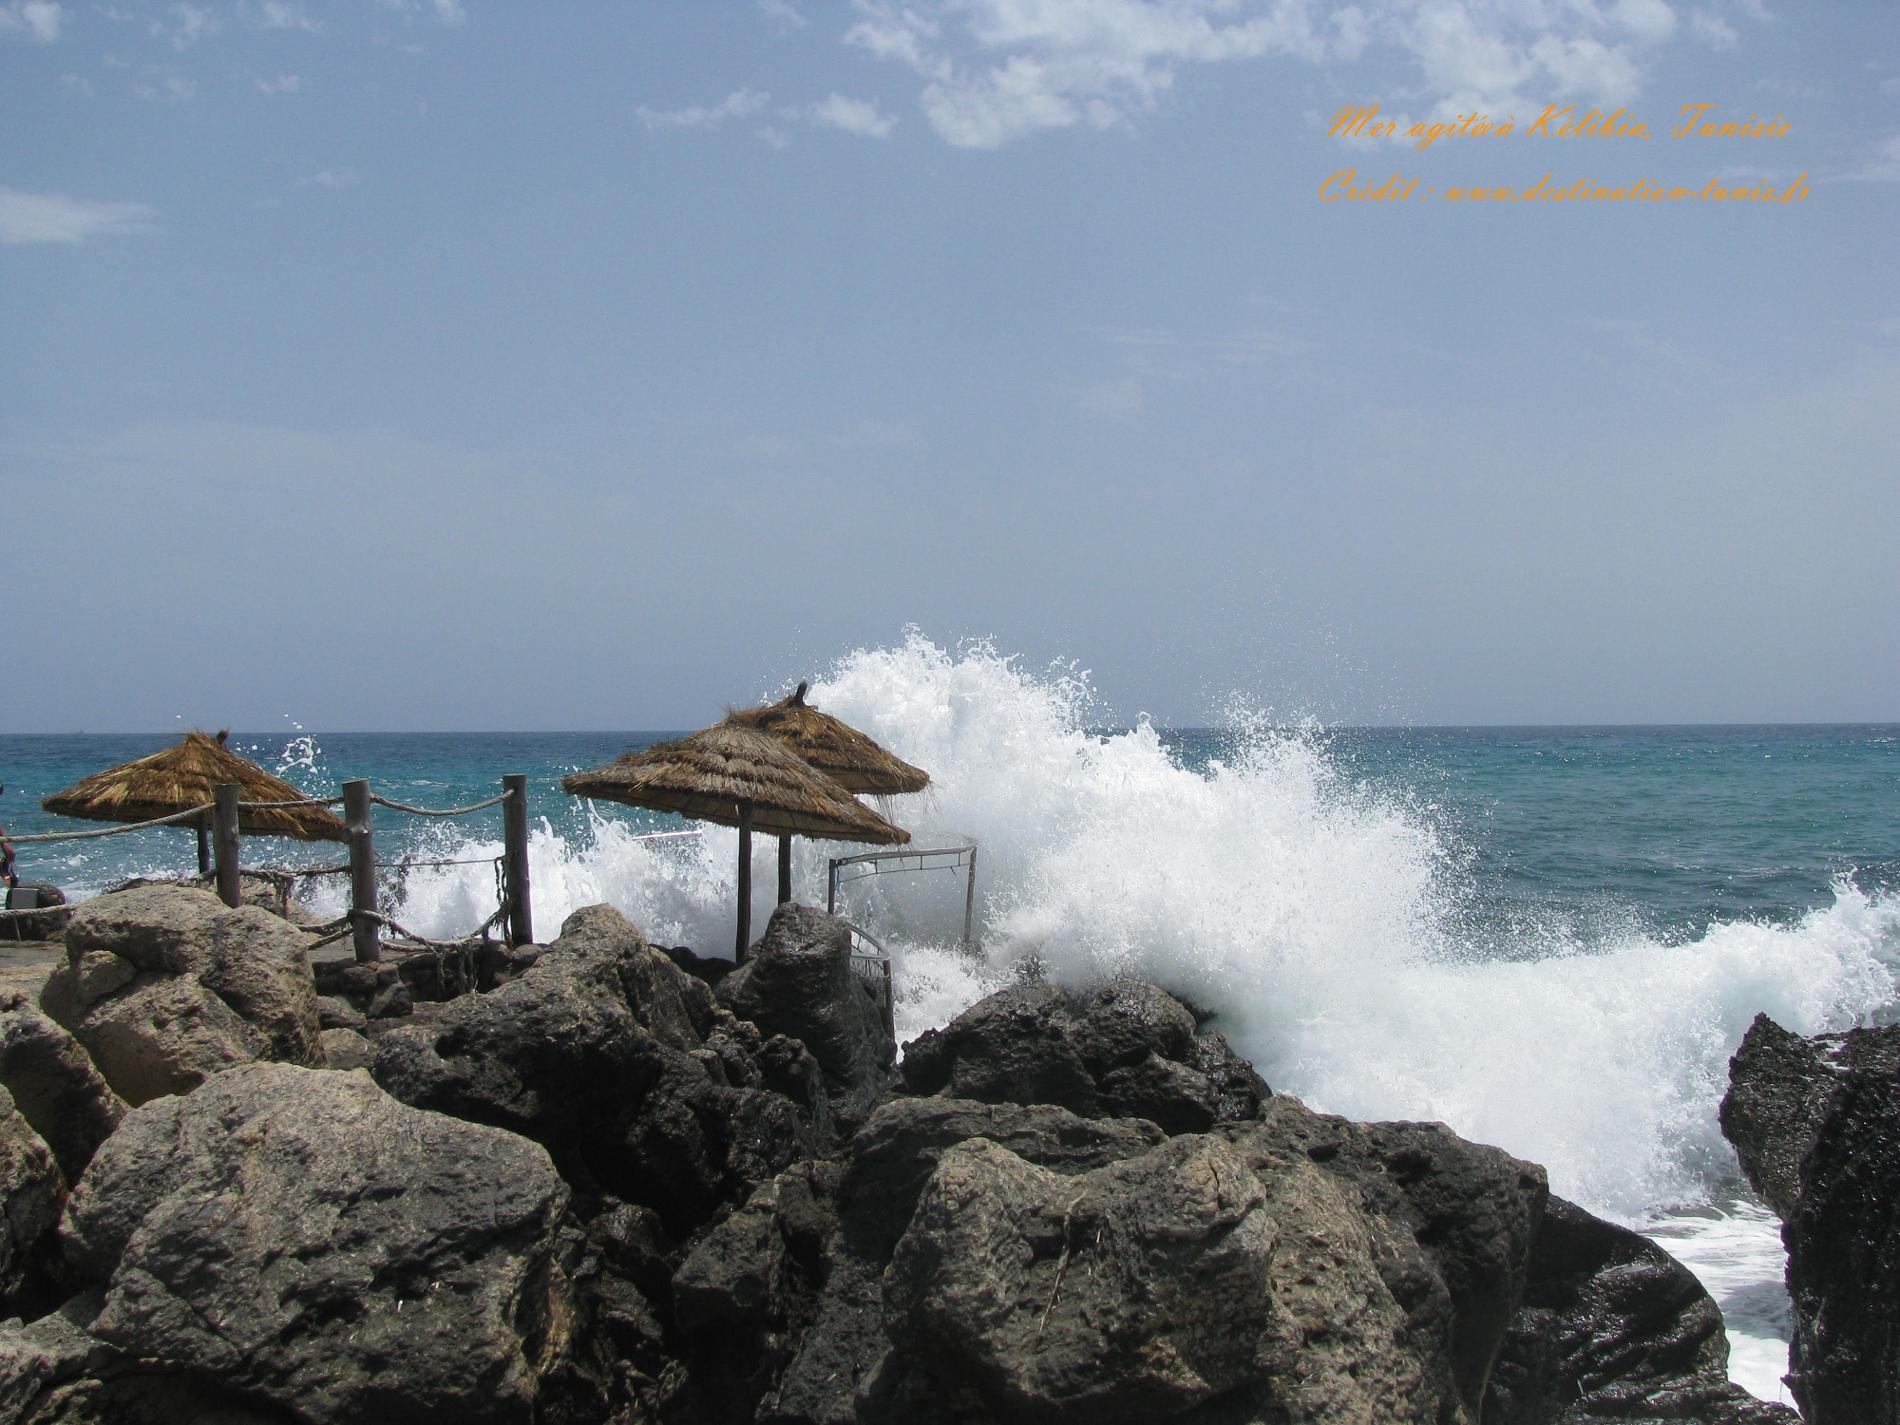 Fonds d'écran Mer et Plages Mer Kélibia Tunisie